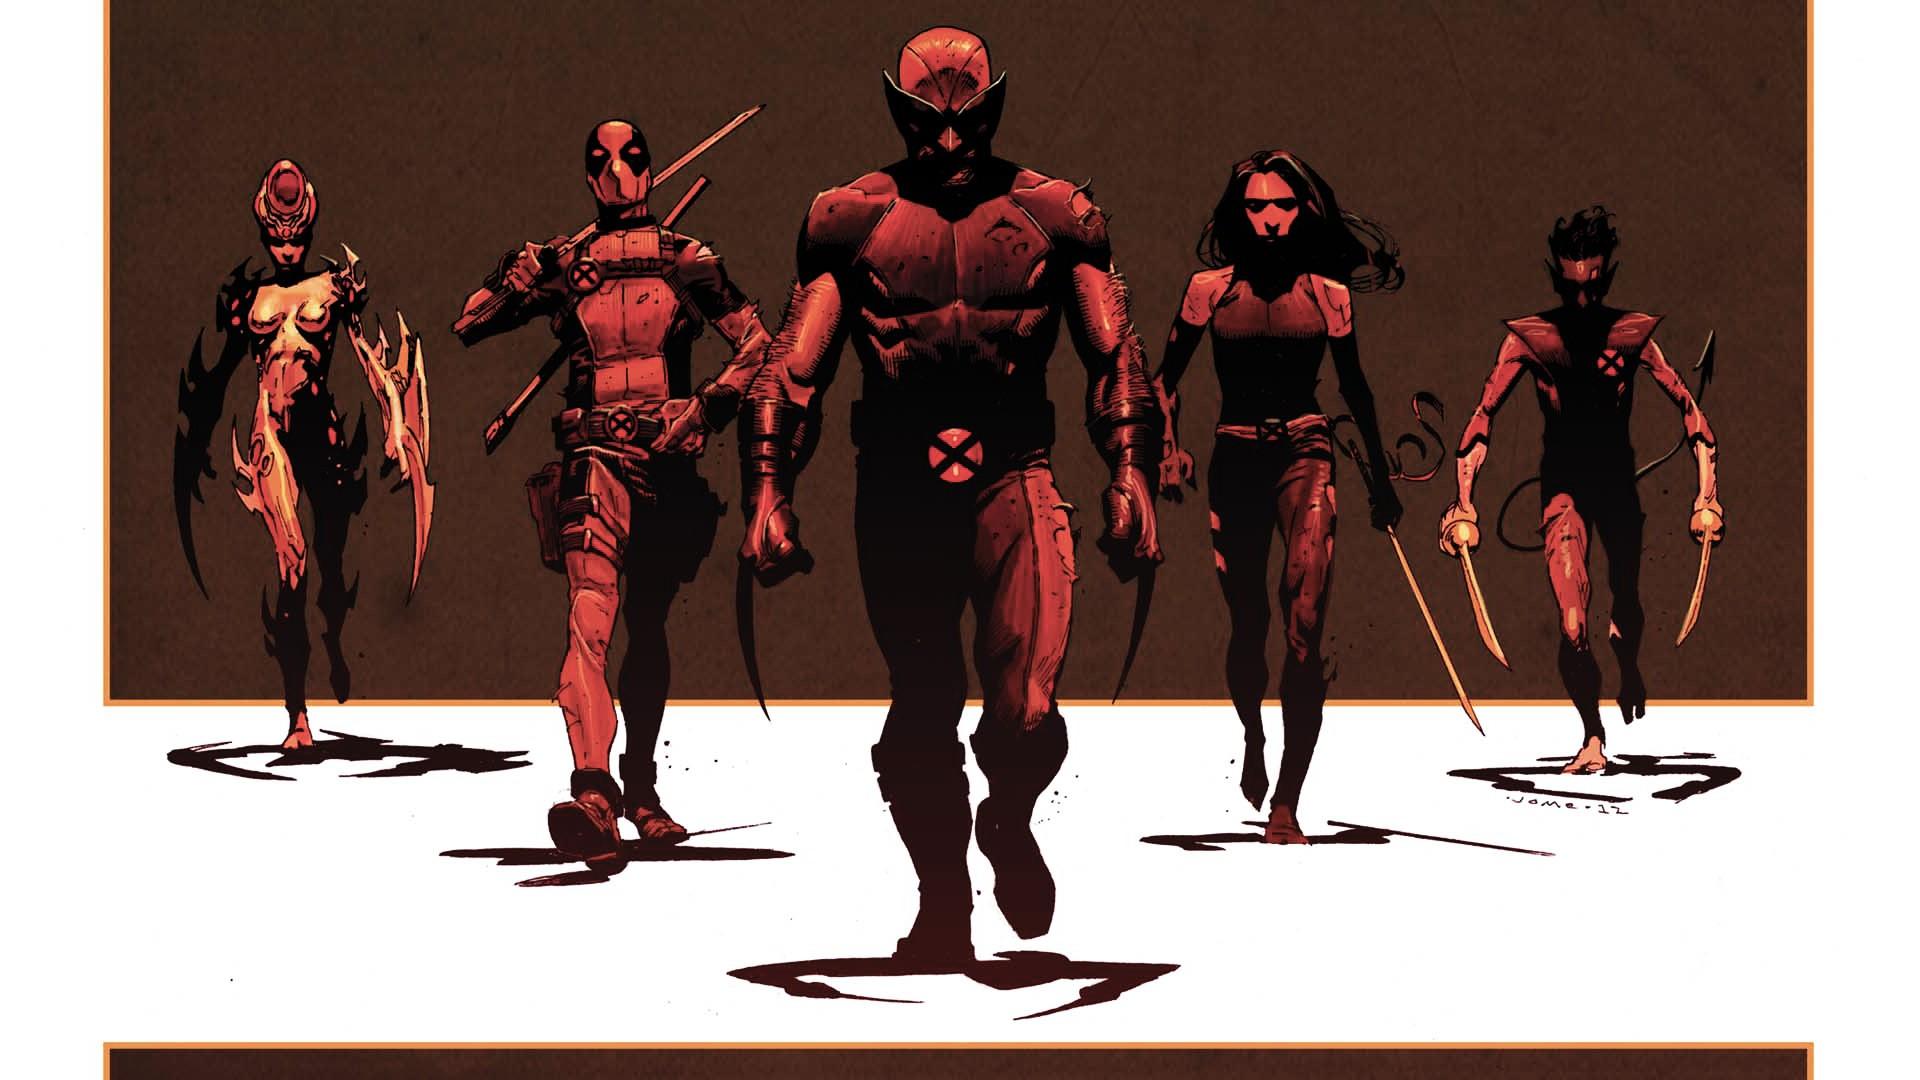 X-Men Wolverine Deadpool Wade  X Force Deadpool Wallpaper